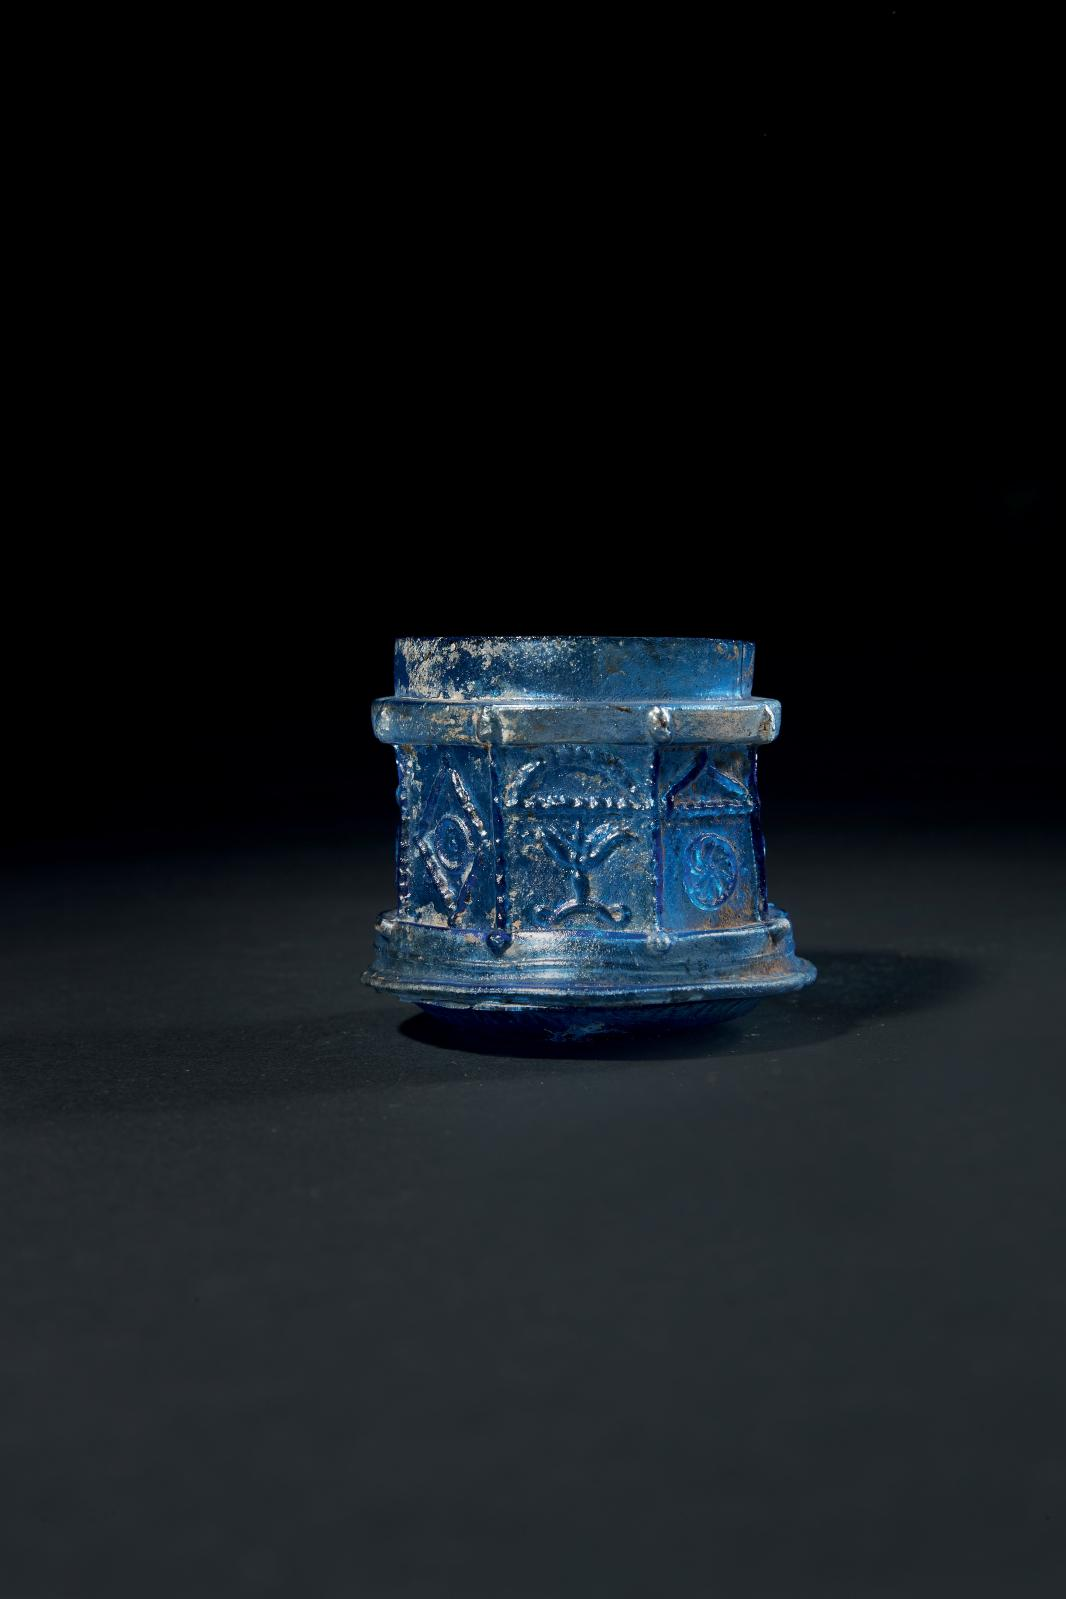 Côte du Levant, Sidon, début du Iersiècle. Pyxide en verre bleu profond, le corps octogonal soufflé dans un moule trivalve, attribuable à l'atelier d